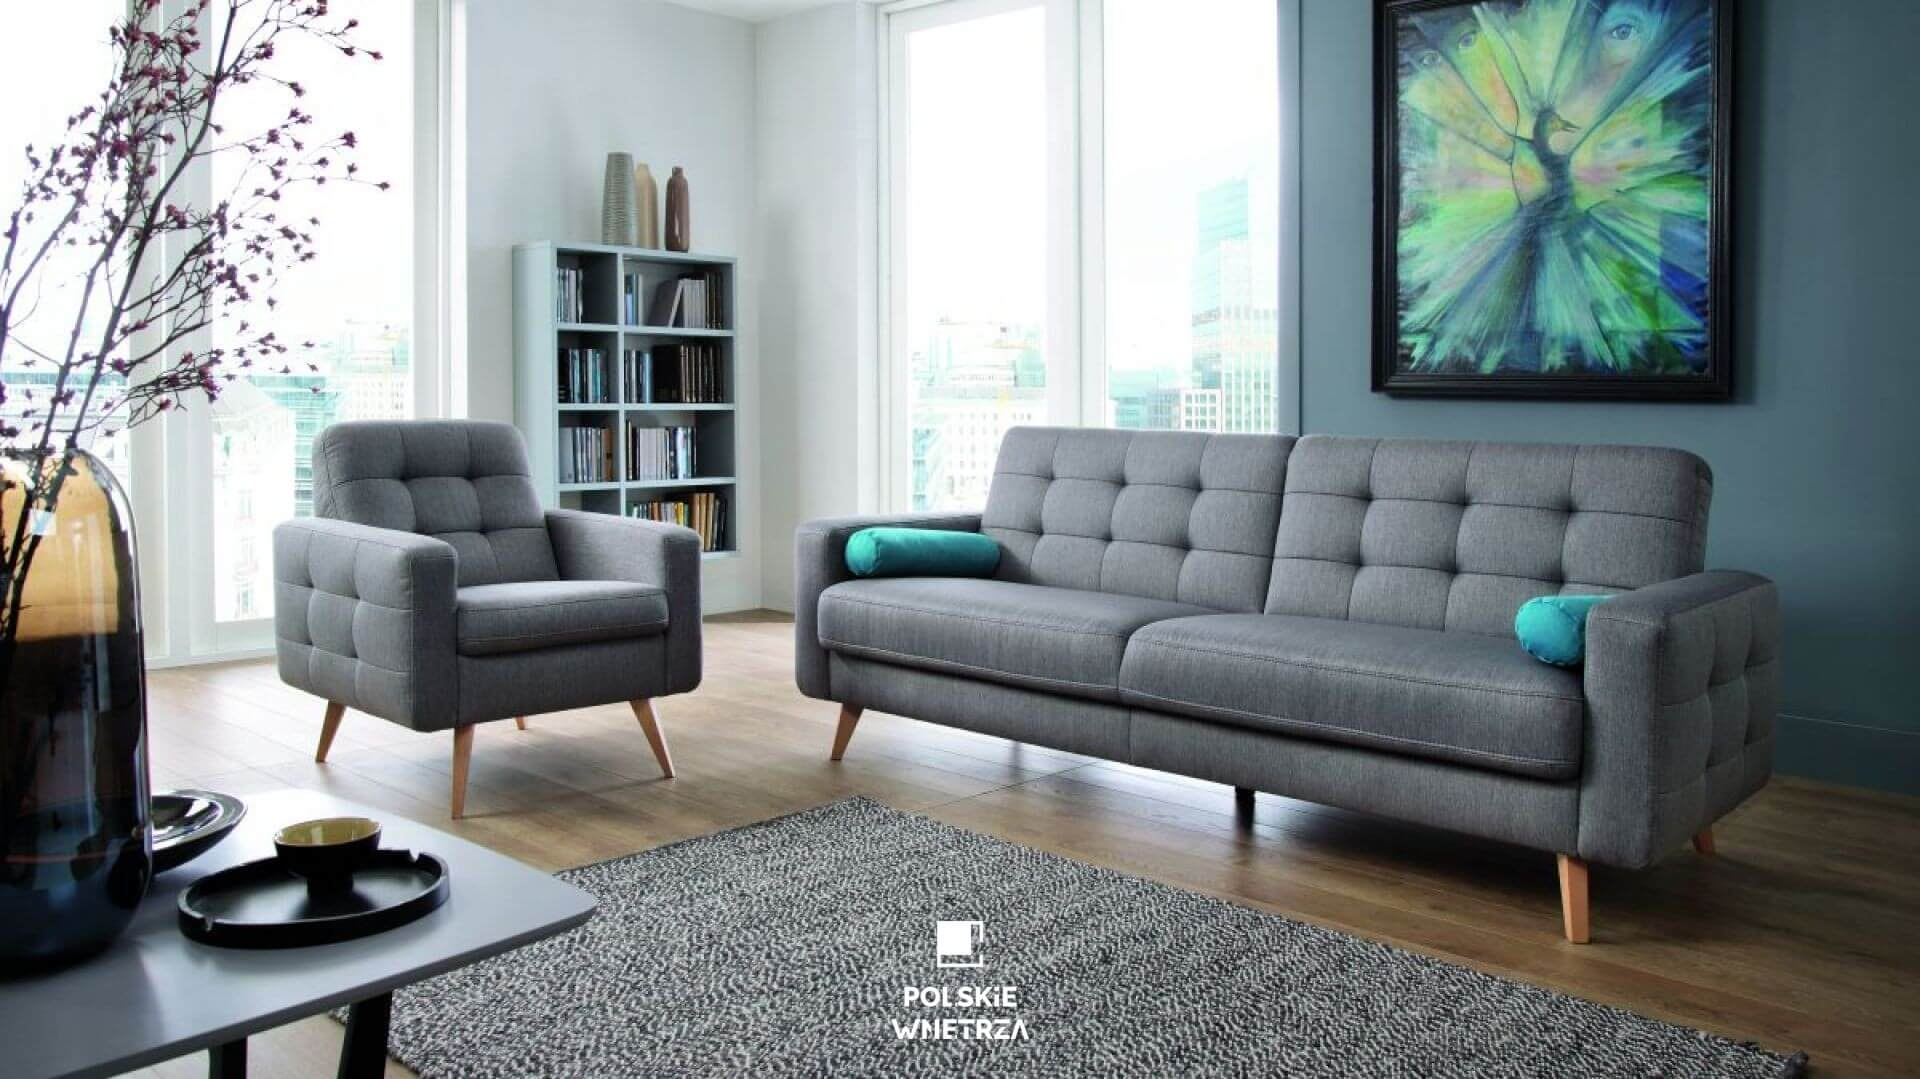 Polskie Wnętrza - Porada - Jak wybrać rozkładaną sofę do młodzieżowego pokoju? Sweet Sit